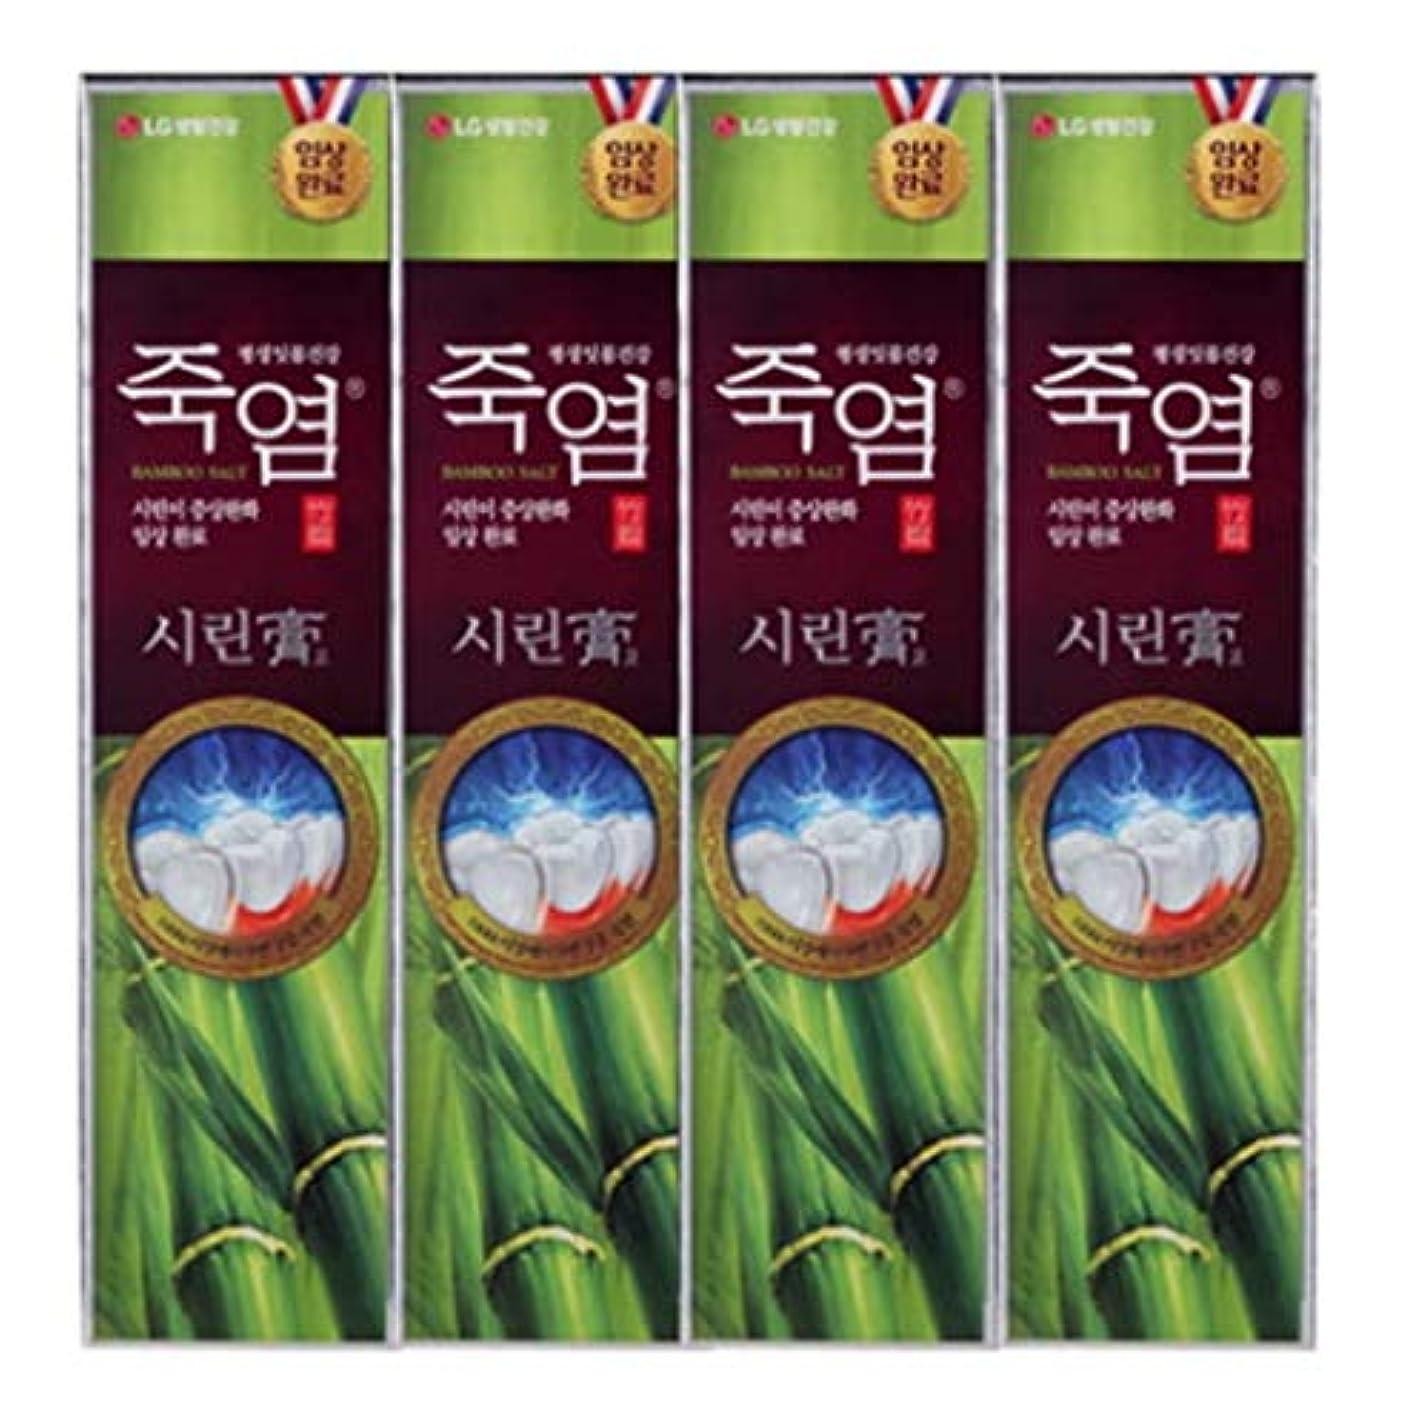 ねばねばマネージャーヘッジ[LG Care/LG生活健康]竹塩歯磨き粉つぶれて歯茎を健康に120g x4ea/歯磨きセットスペシャル?リミテッドToothpaste Set Special Limited Korea(海外直送品)